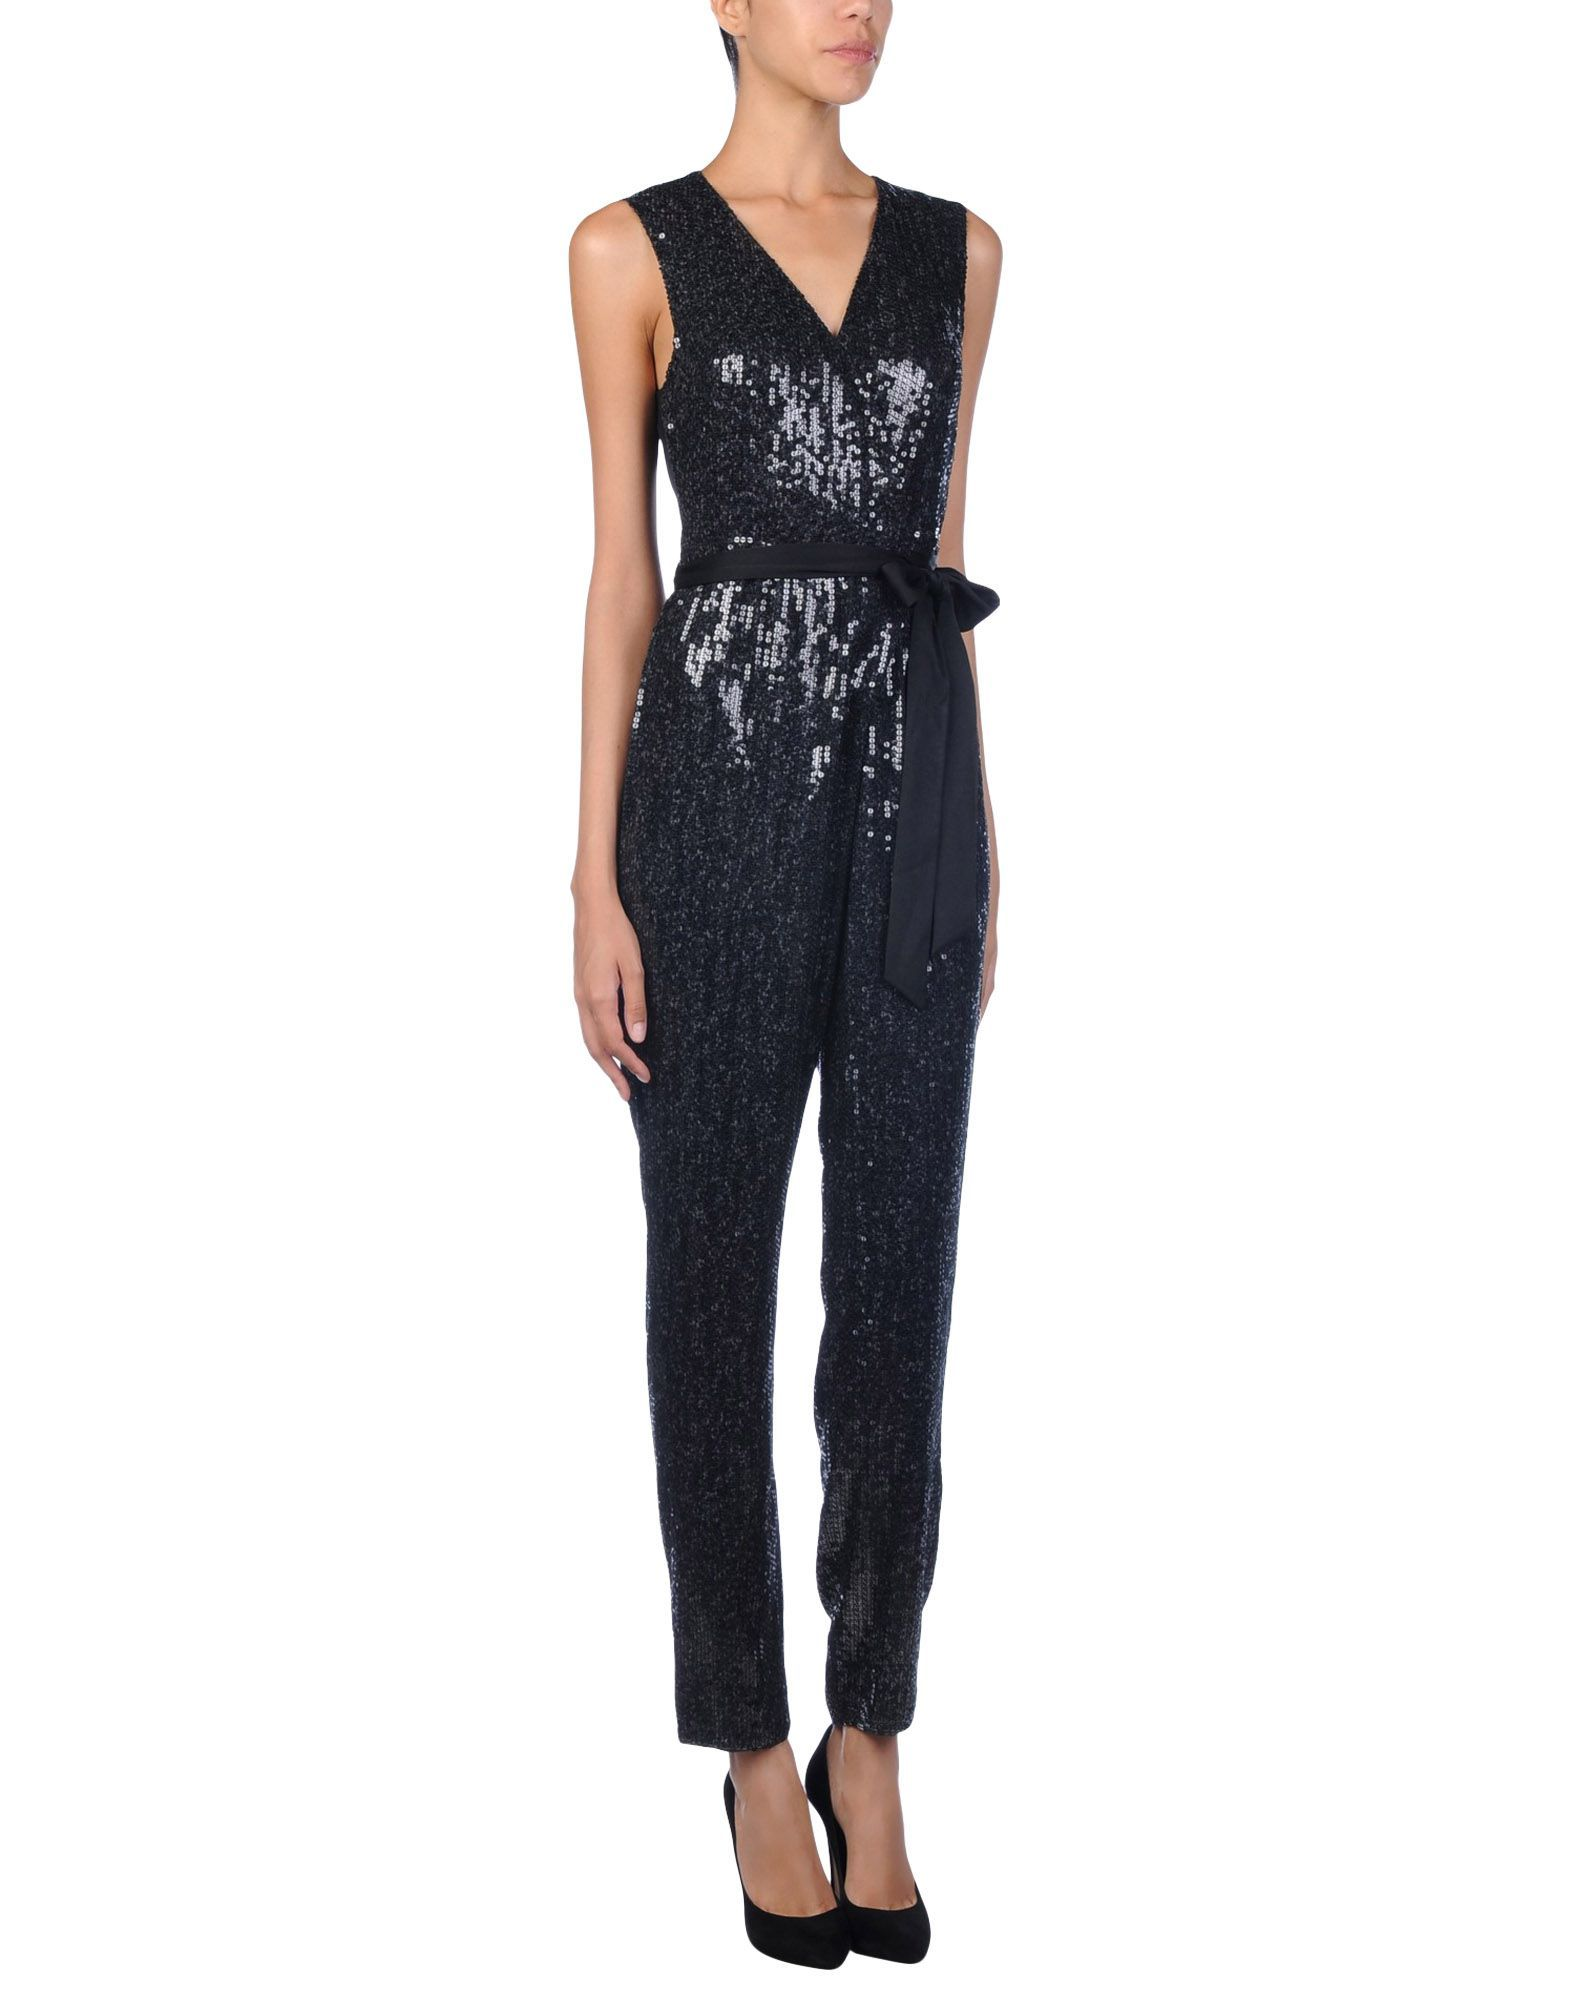 Diane Von Furstenberg Black Silk Jumpsuit